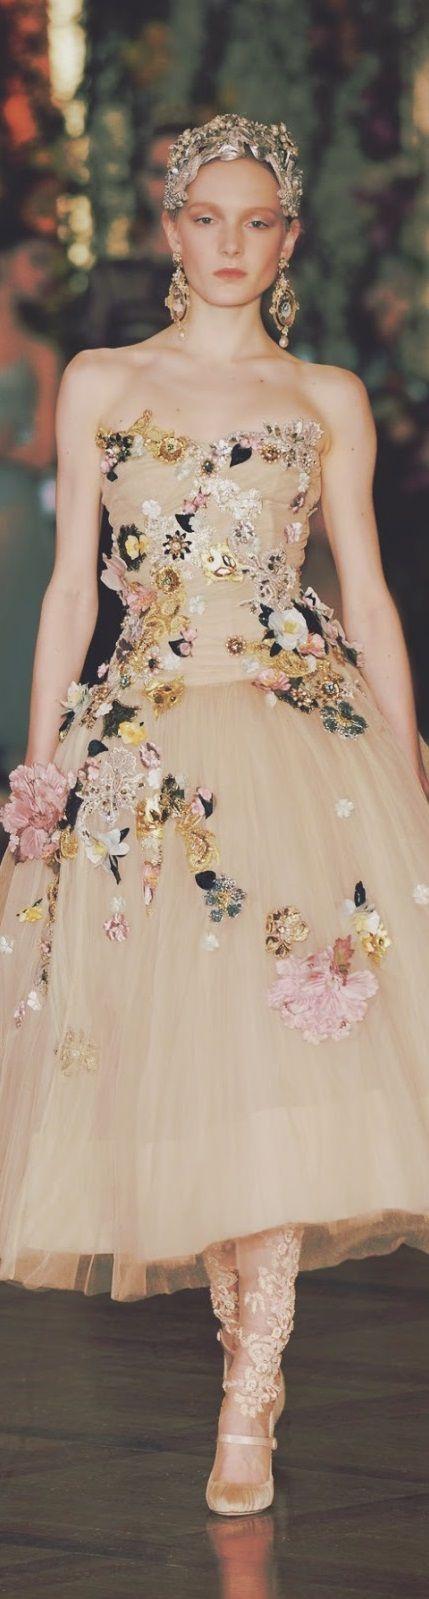 Dolce&Gabbana Alta Moda spring 2015 couture